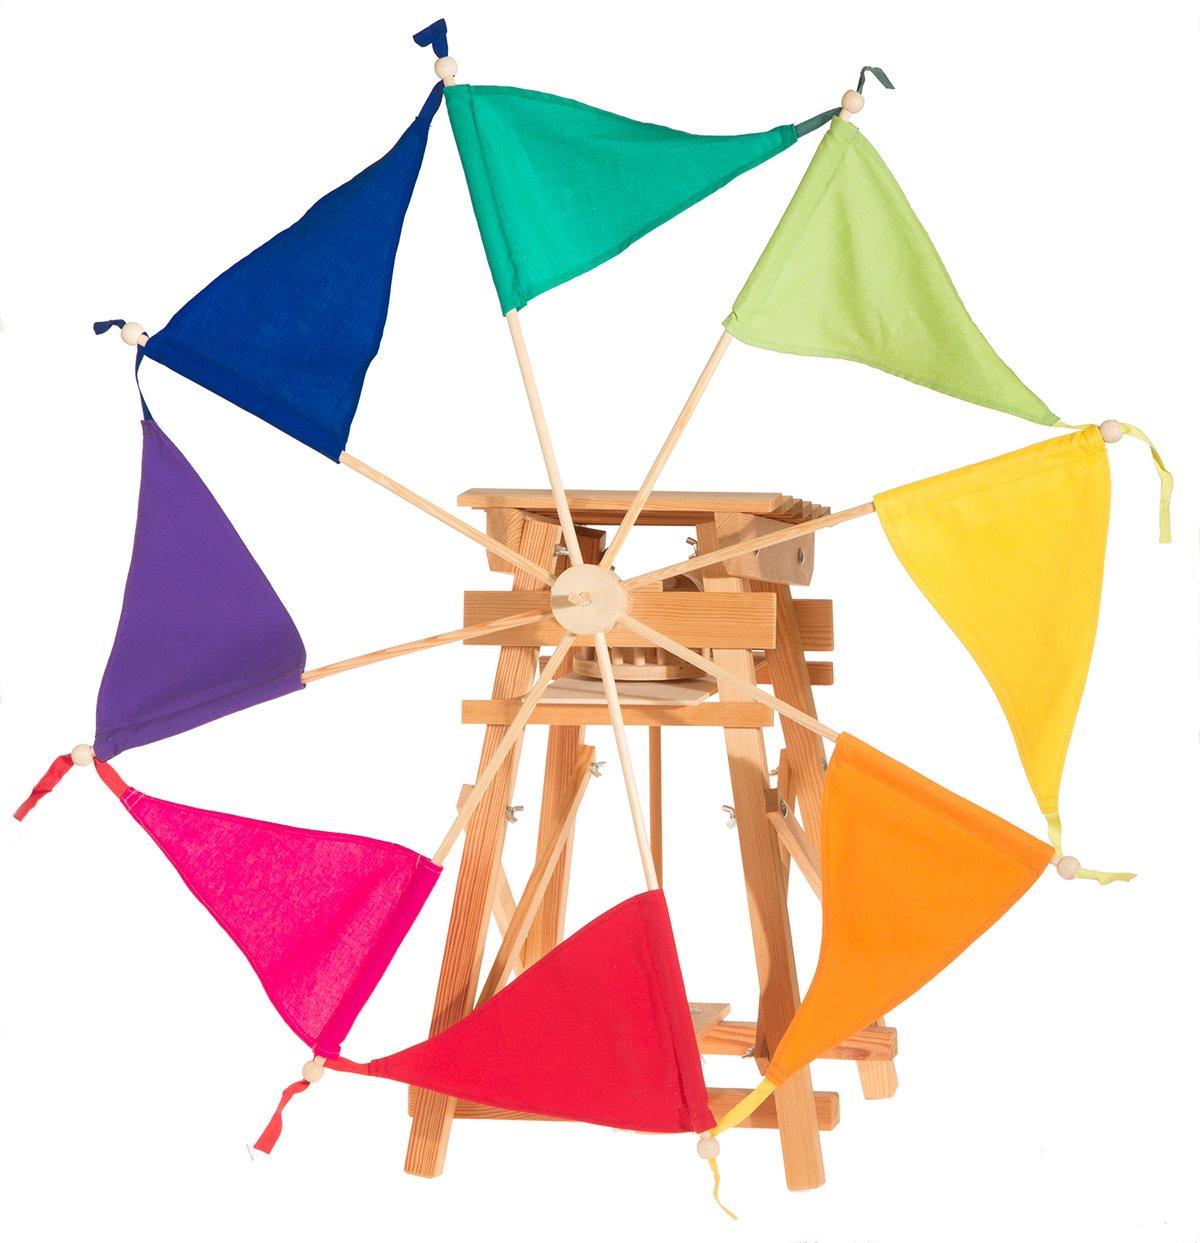 Kraul – Windmühle Kit mit Regenbogen Segel